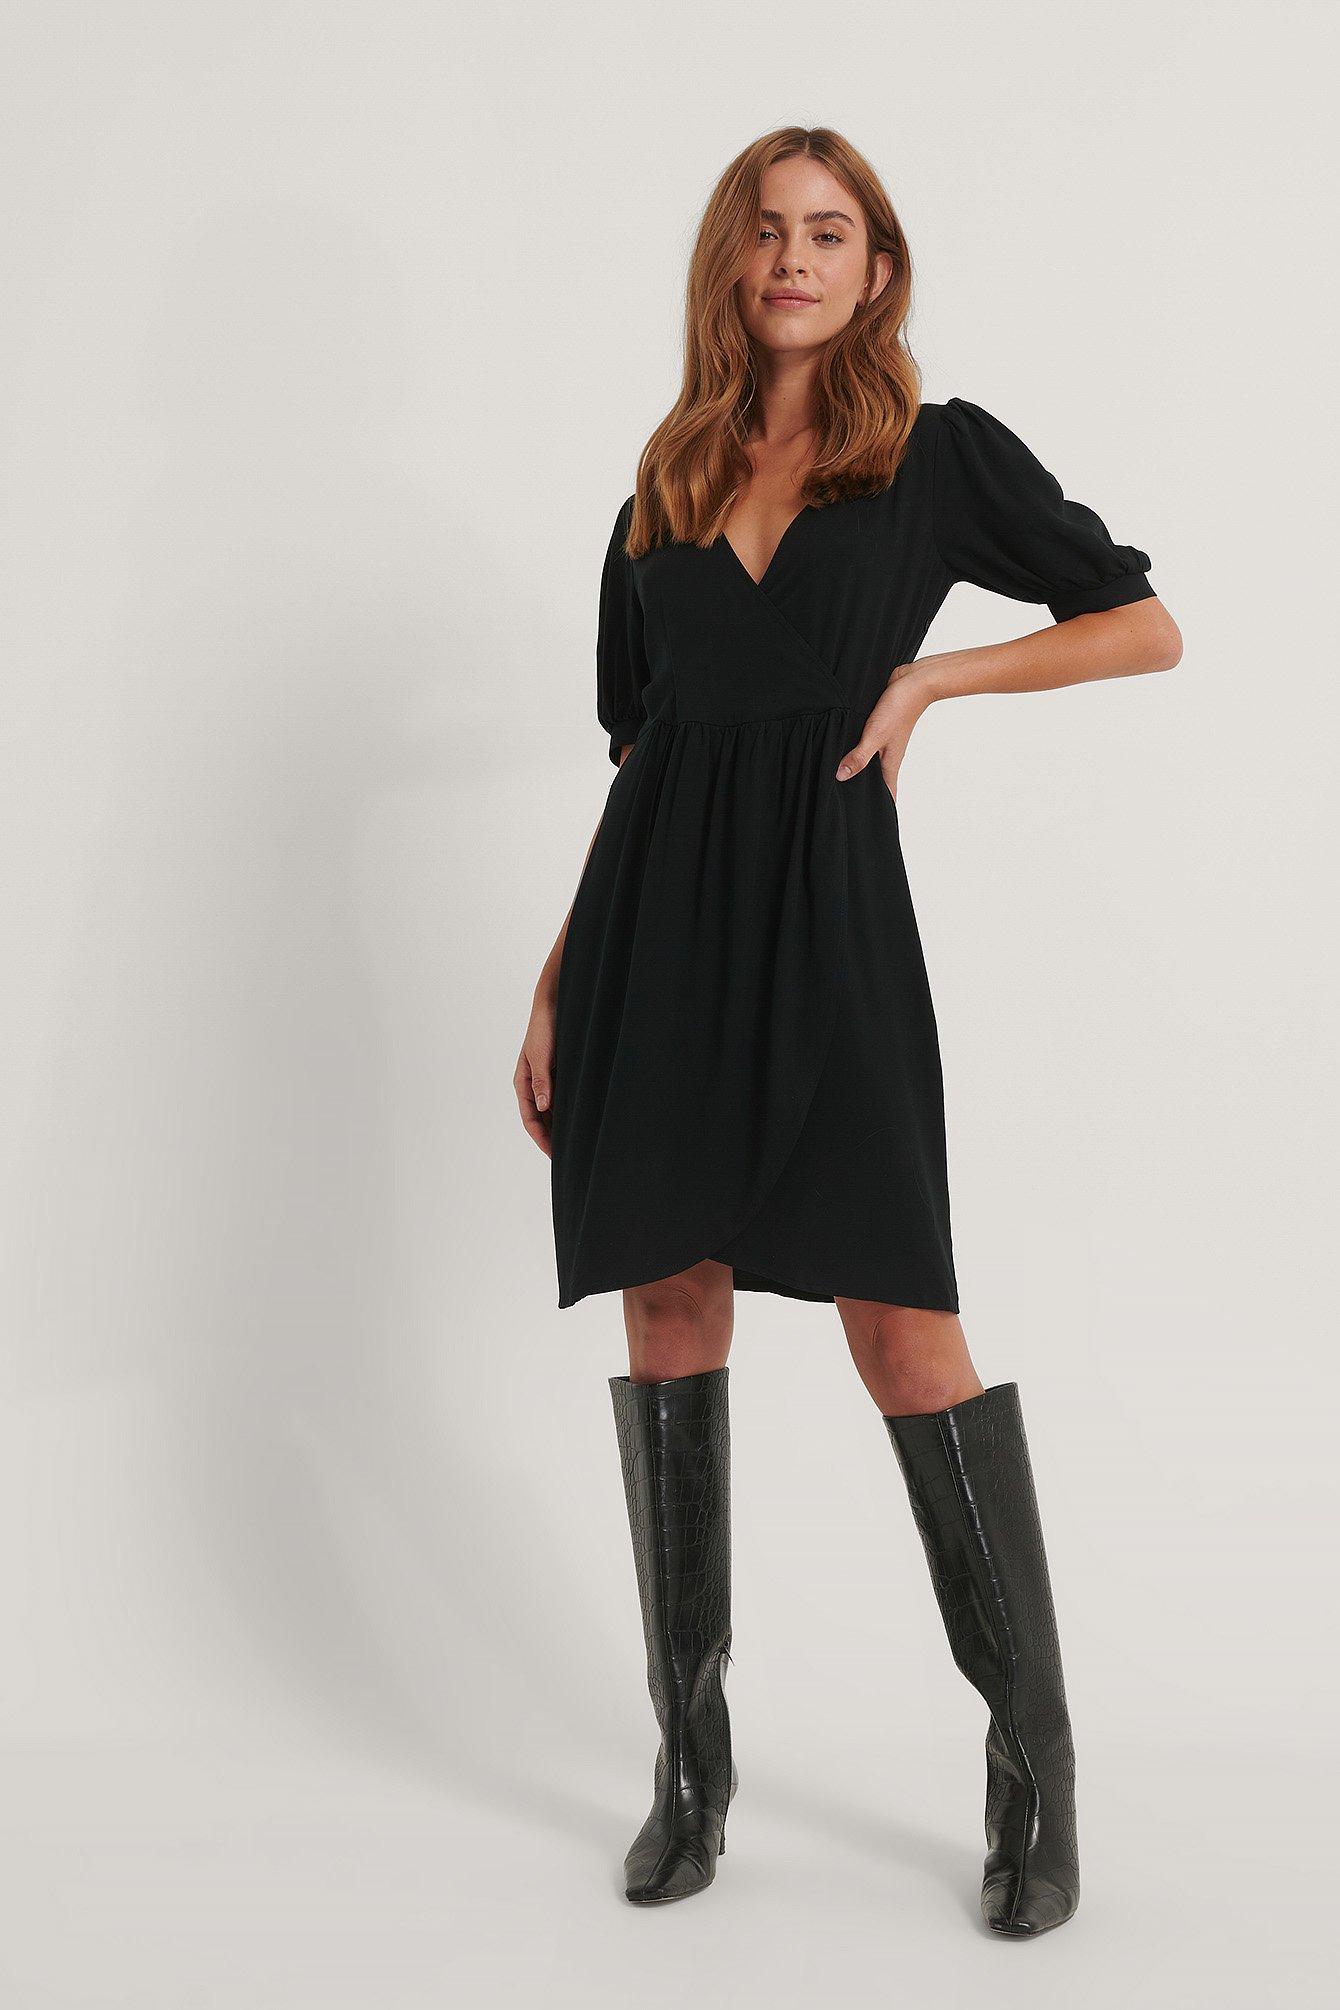 One Shoulder Cropped Top | Looks casuais femininos, Moda